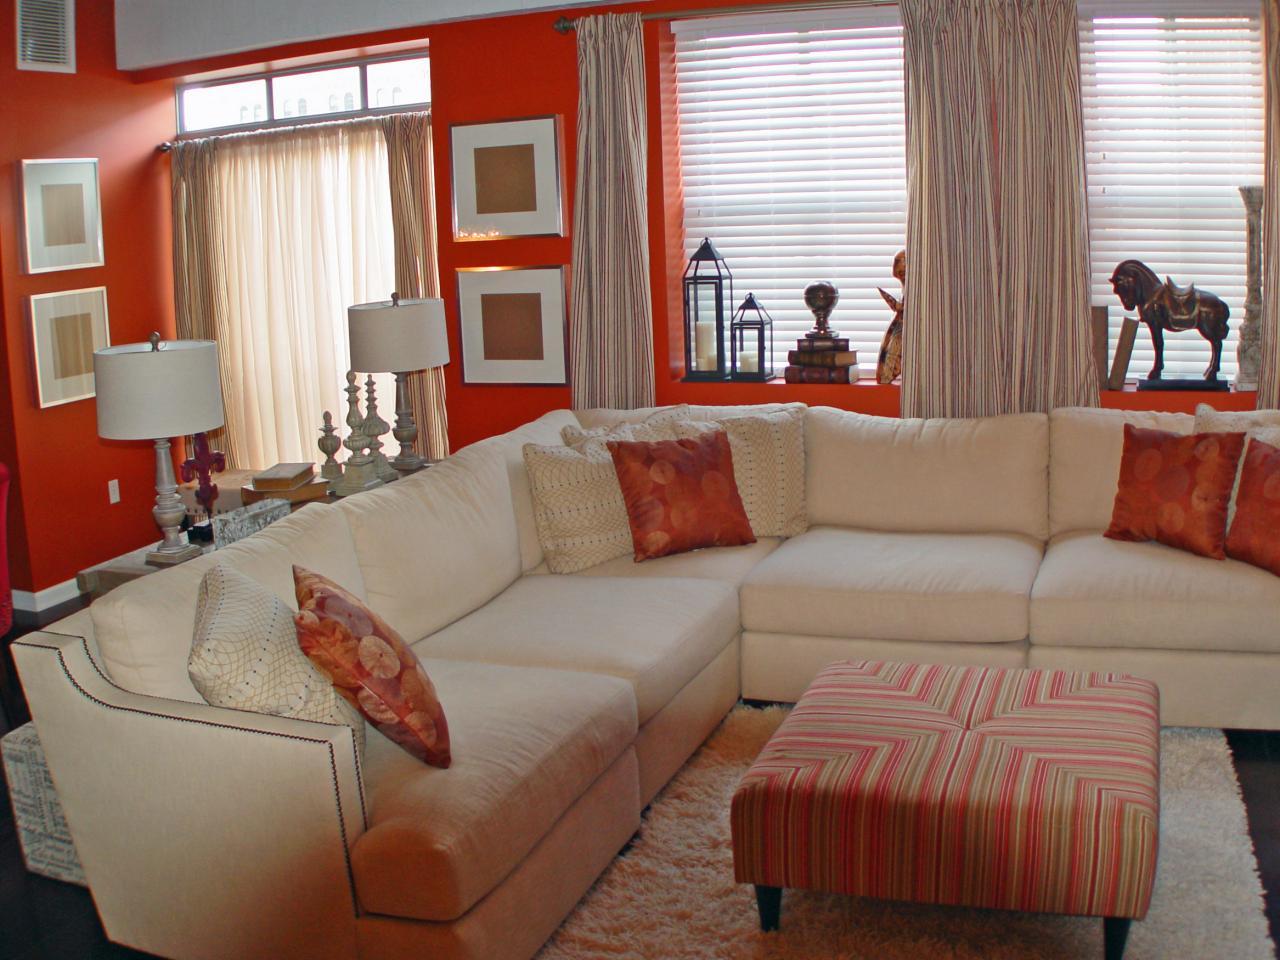 Konstnärligt orange vardagsrum